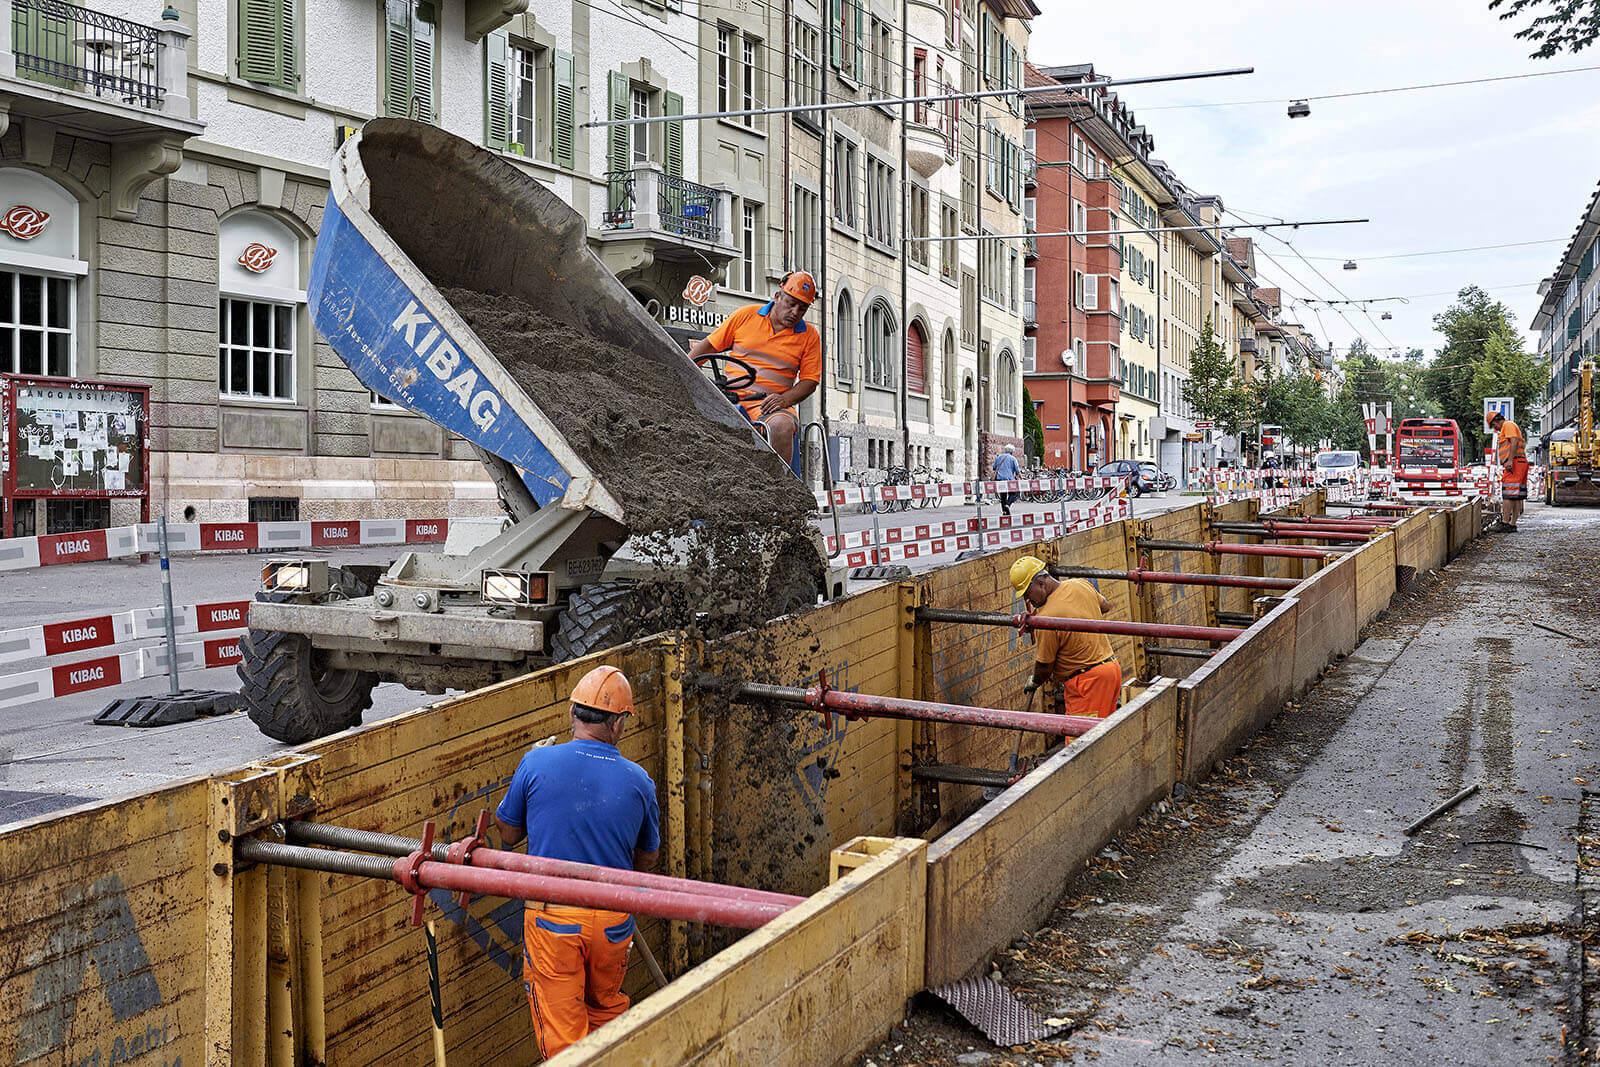 ZBB_BH_Werkleitungsbau_17-07-11_004.jpg